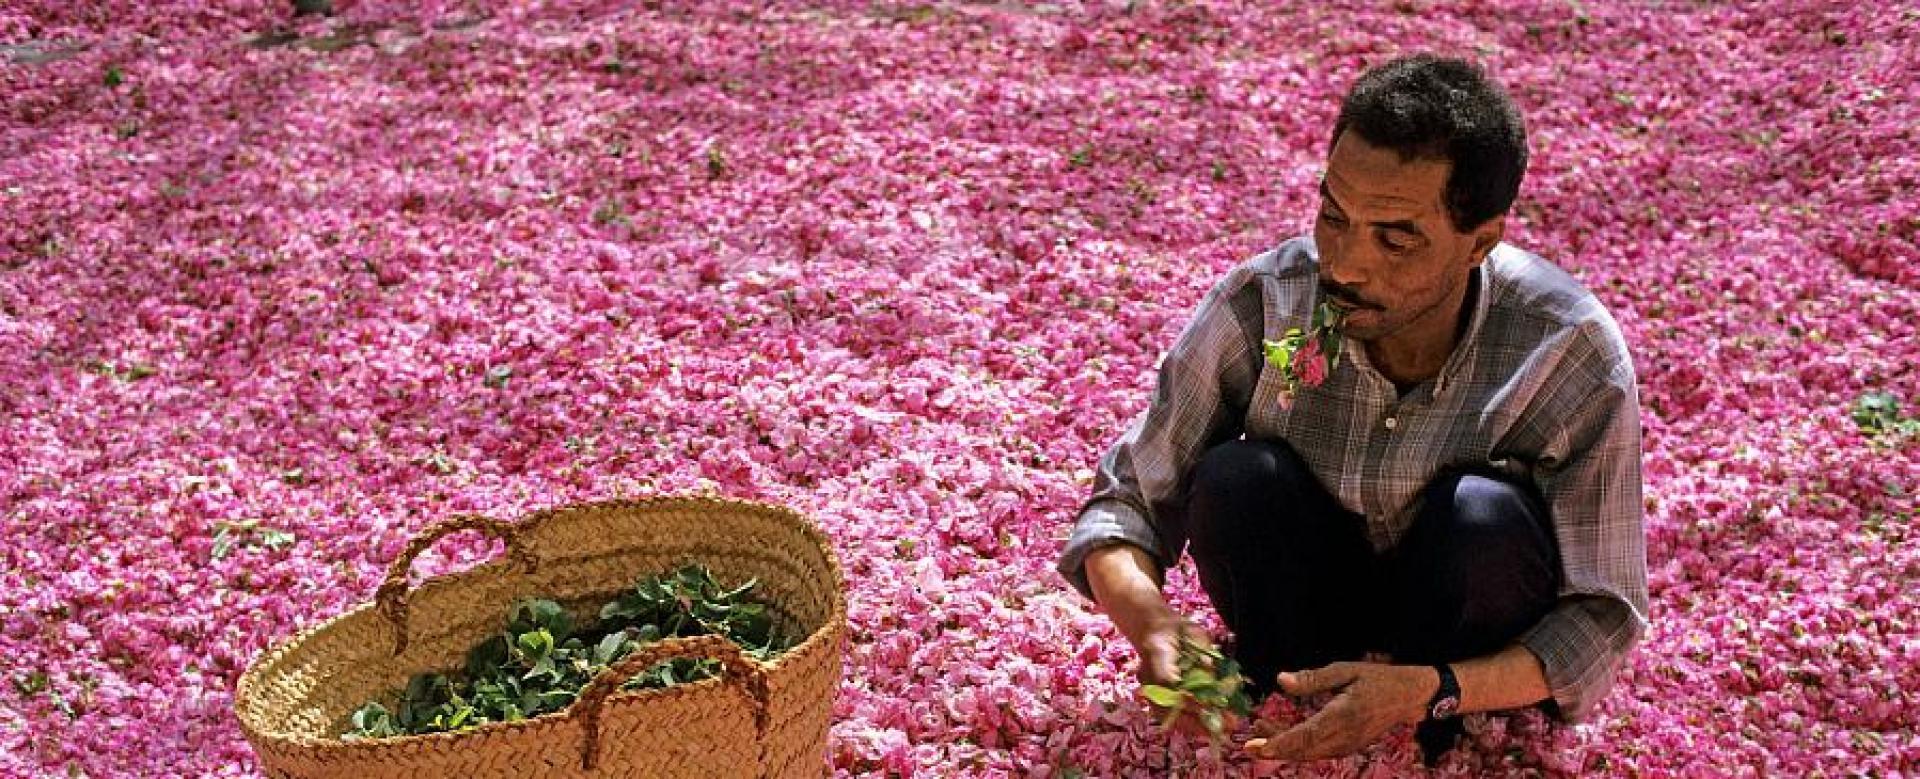 Voyage à pied : Maroc : Les roses du m\'goun - ouarzazate